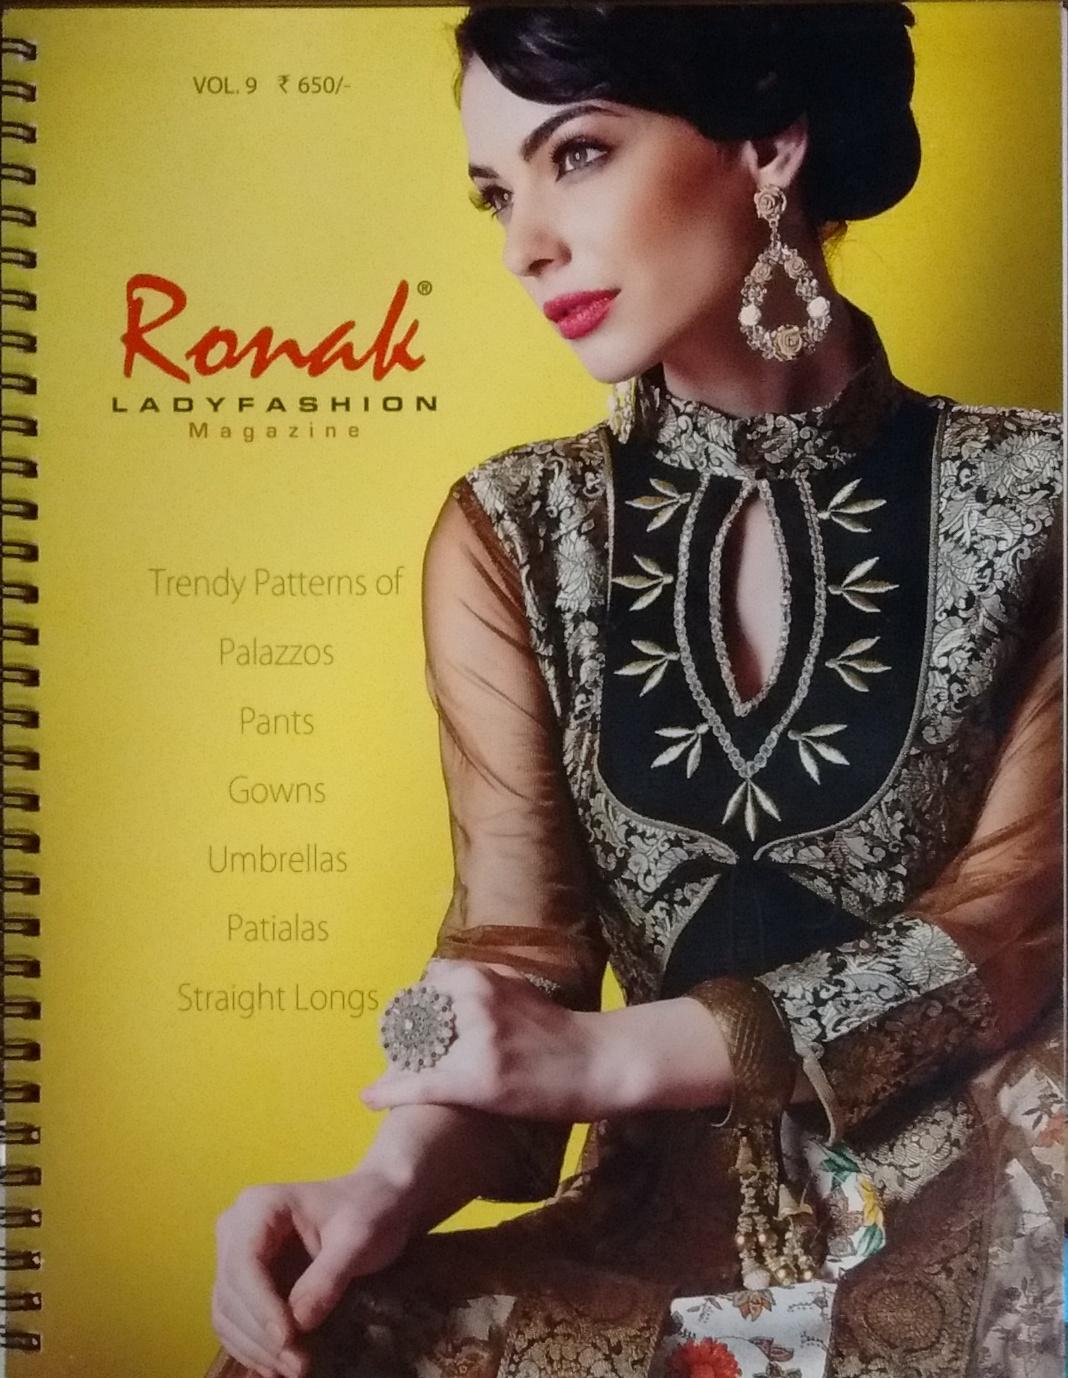 Ronak Lady Fashion Magazine: Trendy Patterns of Pa…